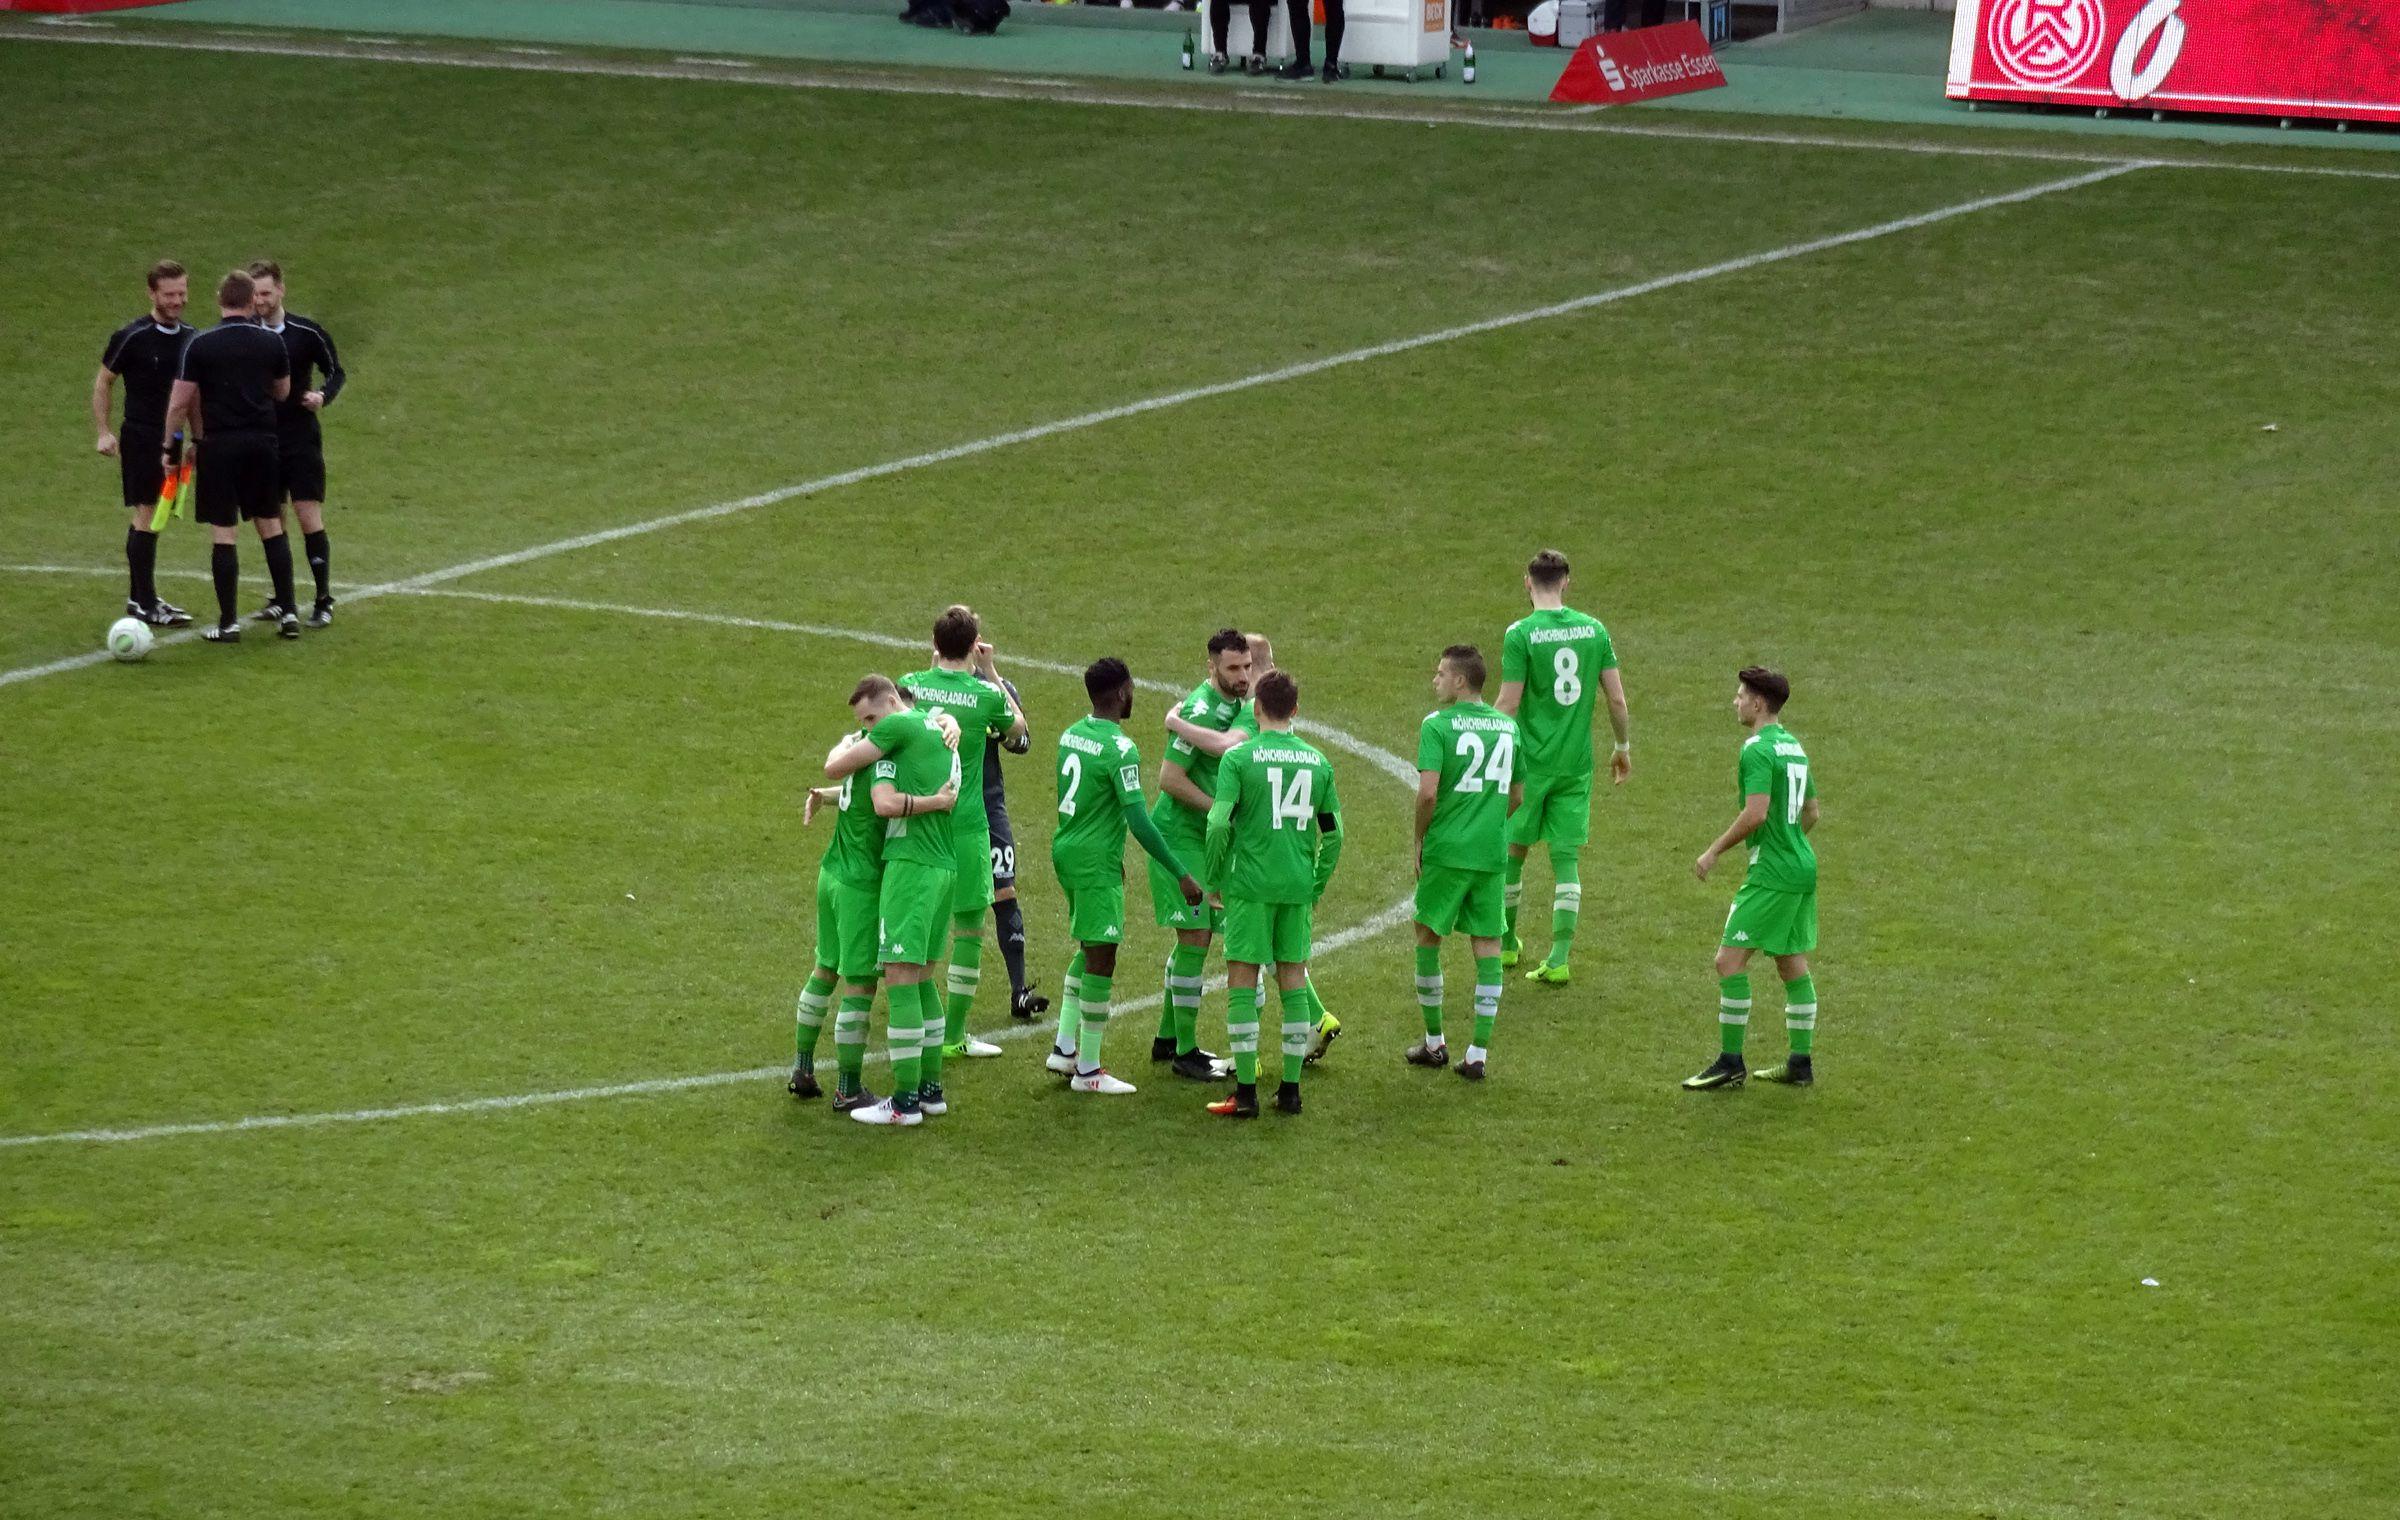 Die Gladbacher vor dem Spiel.